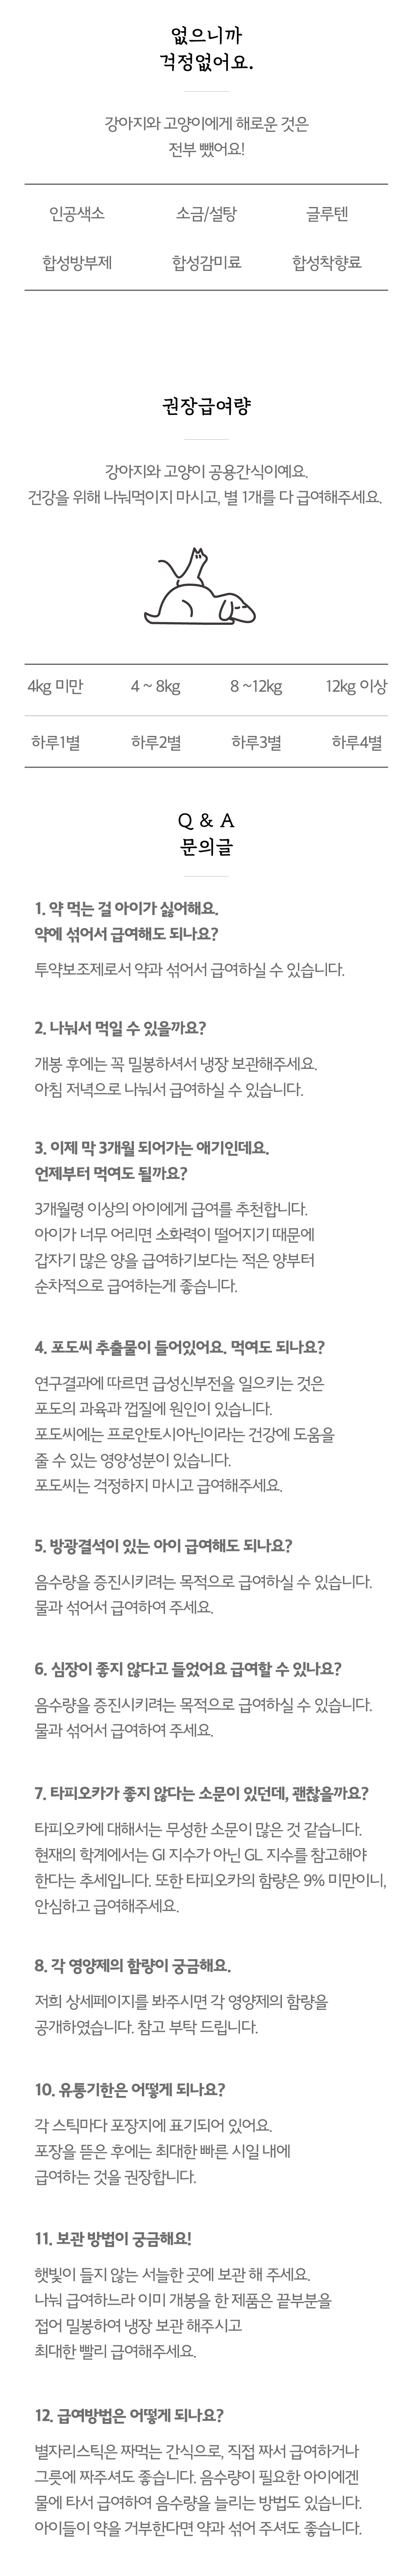 마이베프 별자리스틱 심장/눈/관절/멀티비타민 (15g*4p)-상품이미지-3